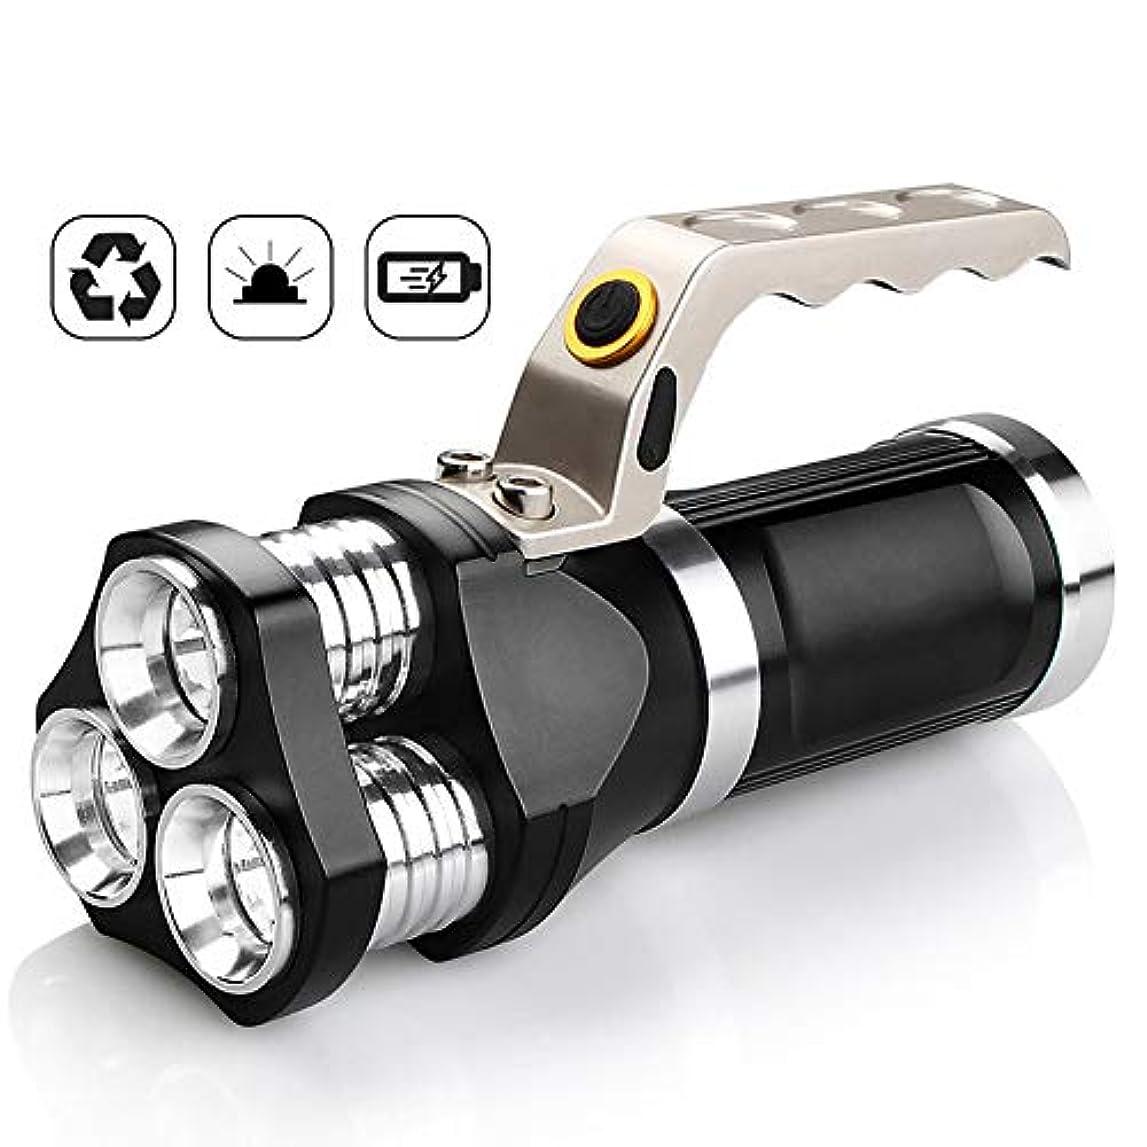 故意の甘美な細断LED充電式ハンドヘルドサーチライト、ハイパワースーパーブライト3000ルーメン、防水サーチライト、ブライトヘッドライト、キャンプ、ランニング